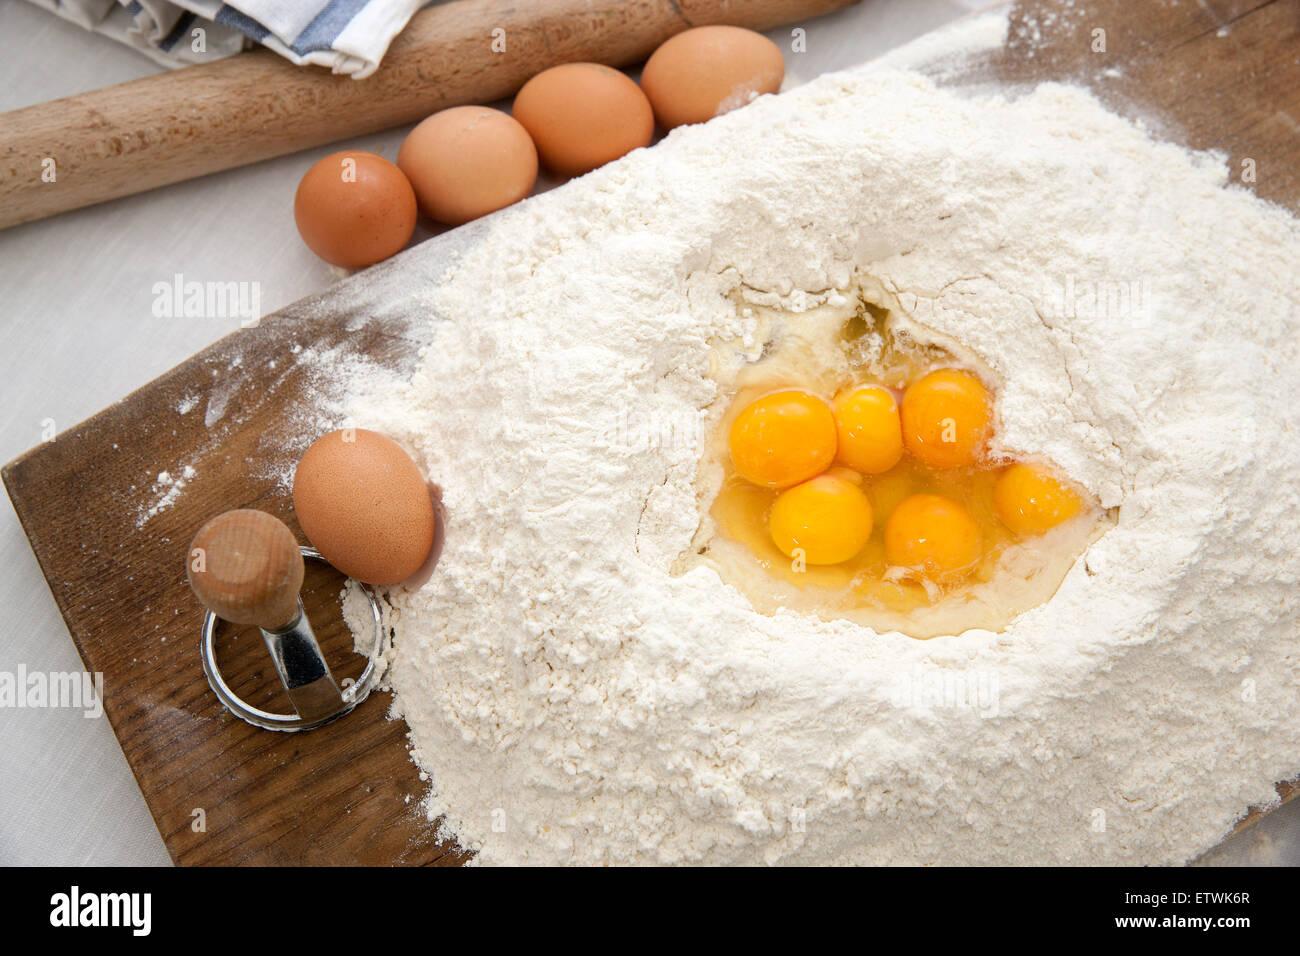 La pasta italiana, cibo organico, fatti a mano, Immagini Stock